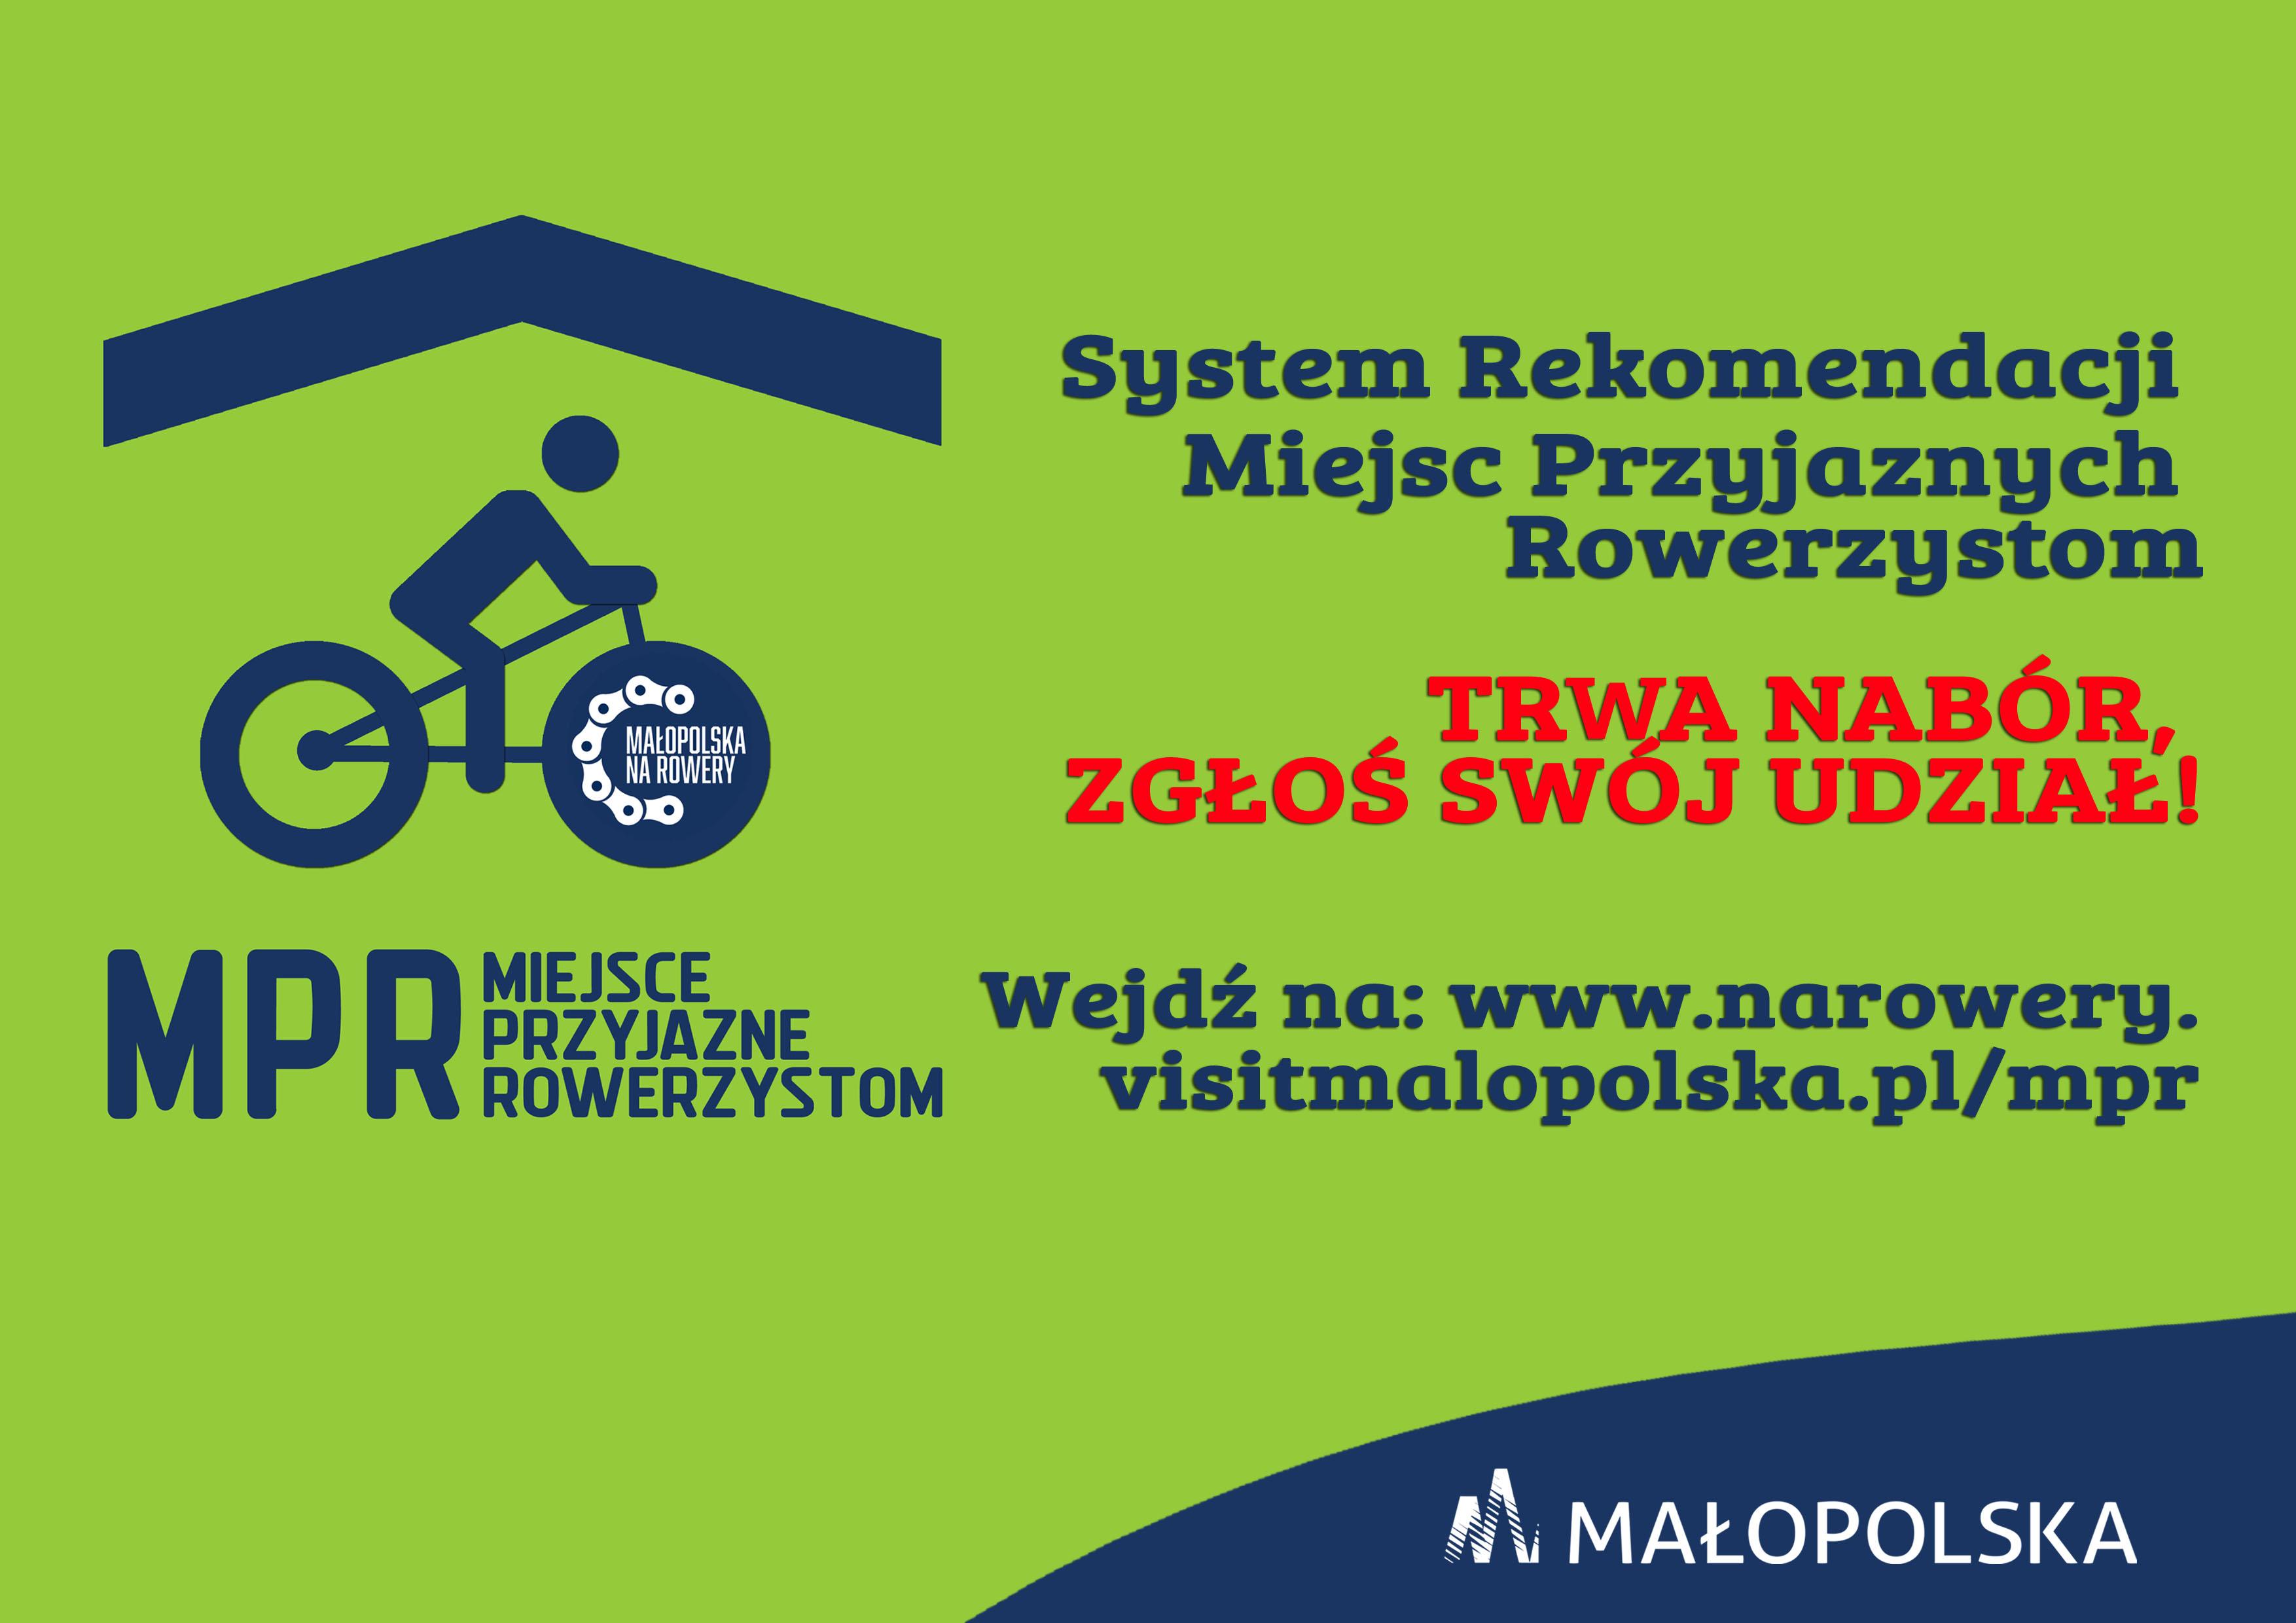 Plakat informacyjny na temat naboru do Małopolskiego Systemu Miejsc Przyjaznych Rowerzystom